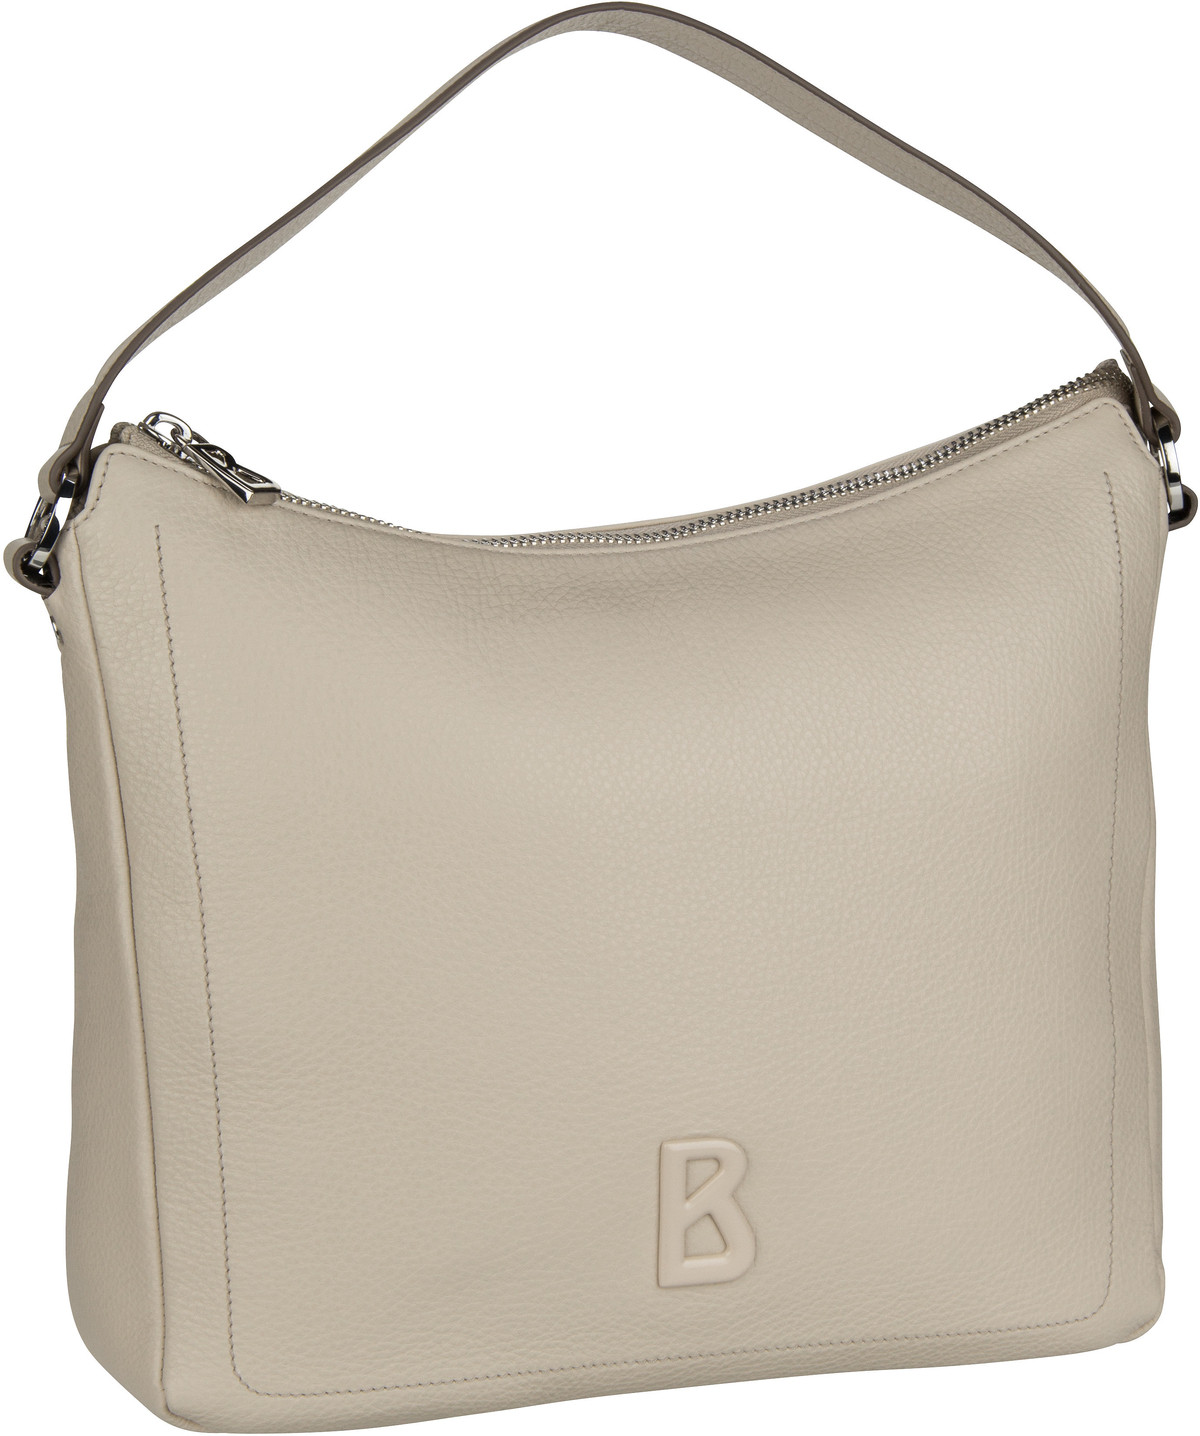 Handtasche Andermatt Marie Hobo MHZ Taupe